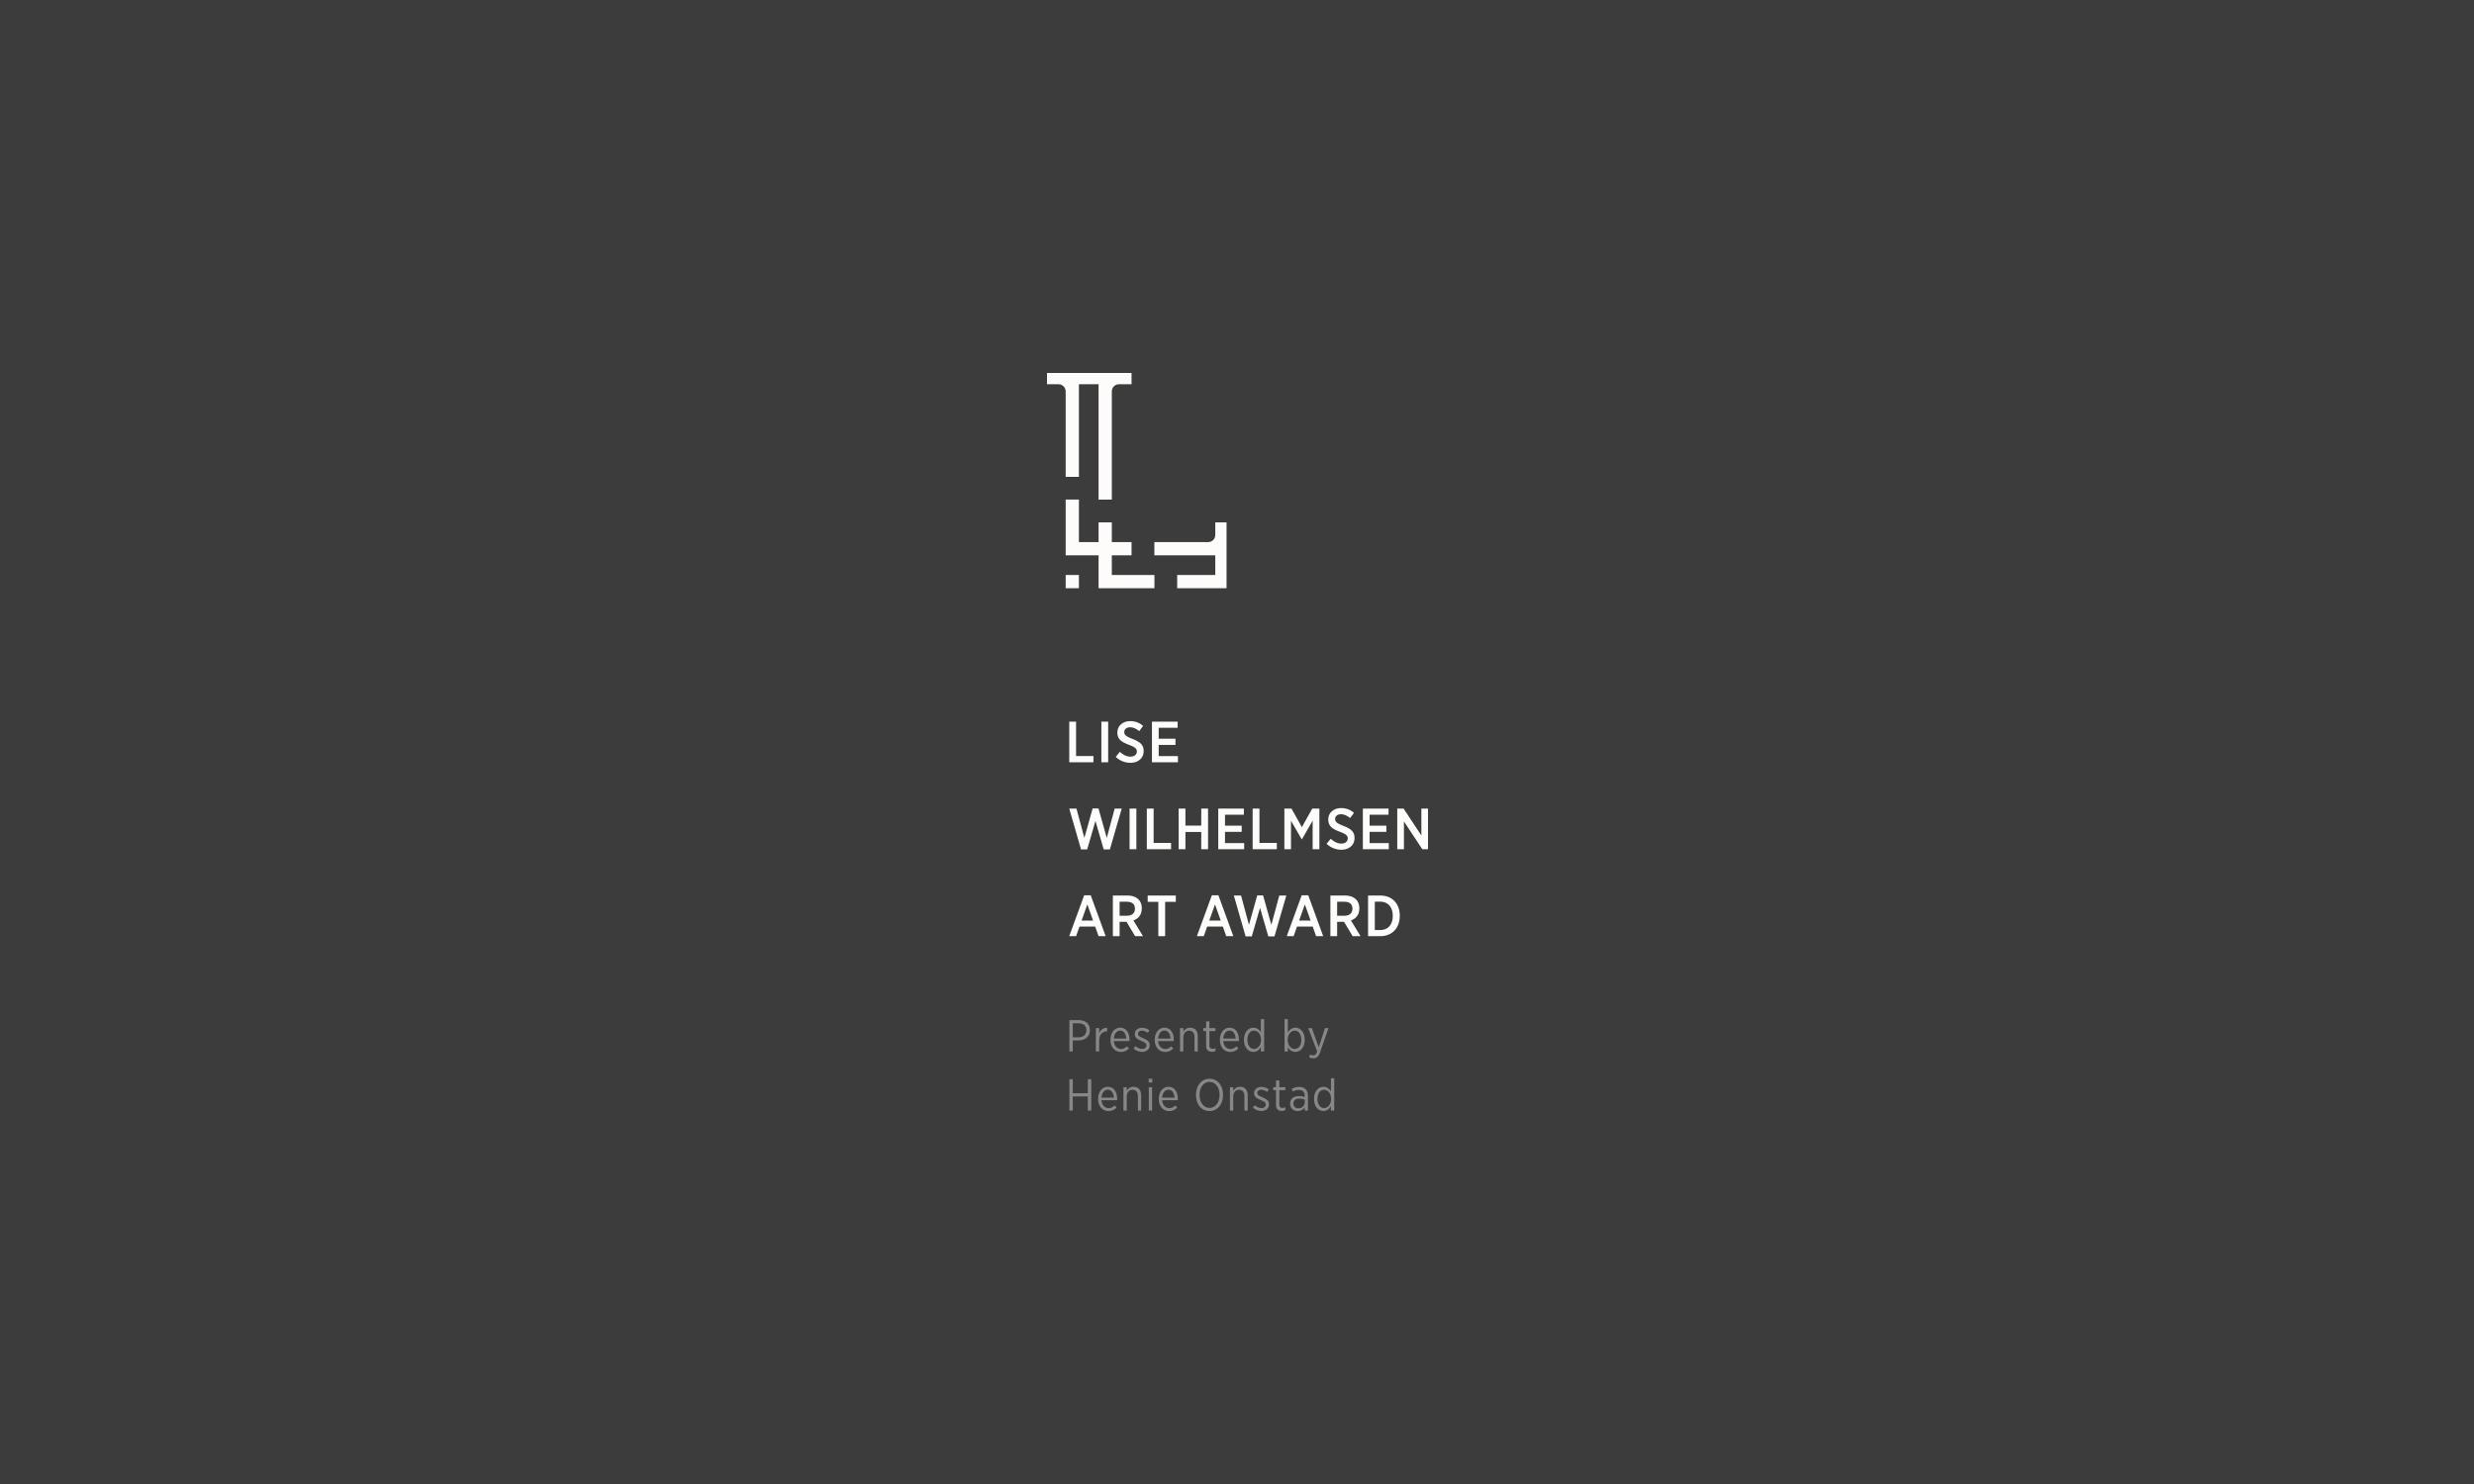 Lise Wilhelmsen Art Award light vertical Logo, with Henie Onstad